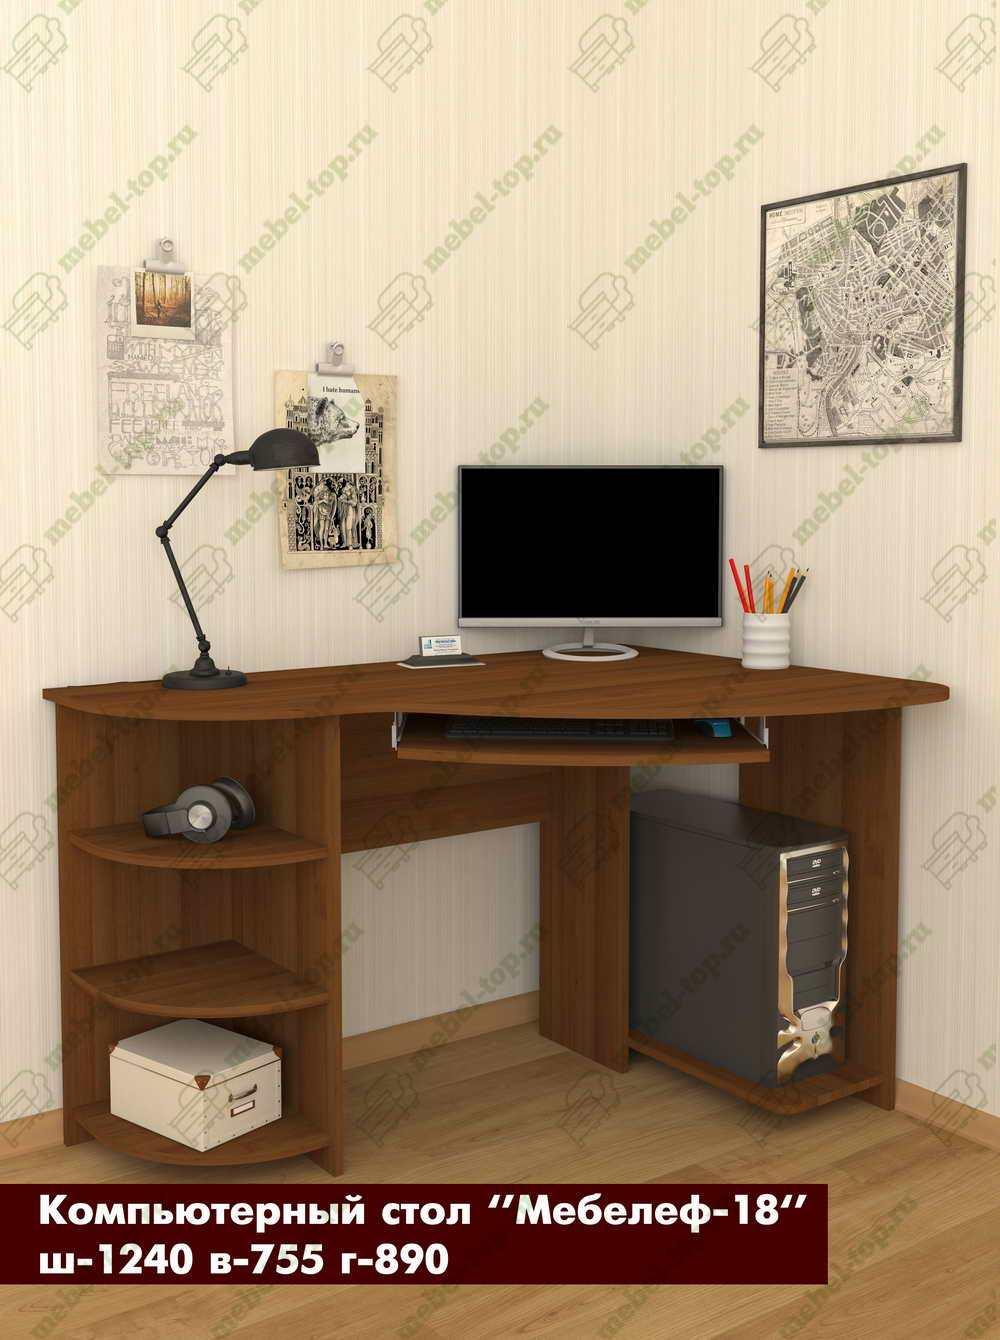 Стол для компьютера Мебелеф 15689389 от mebel-top.ru